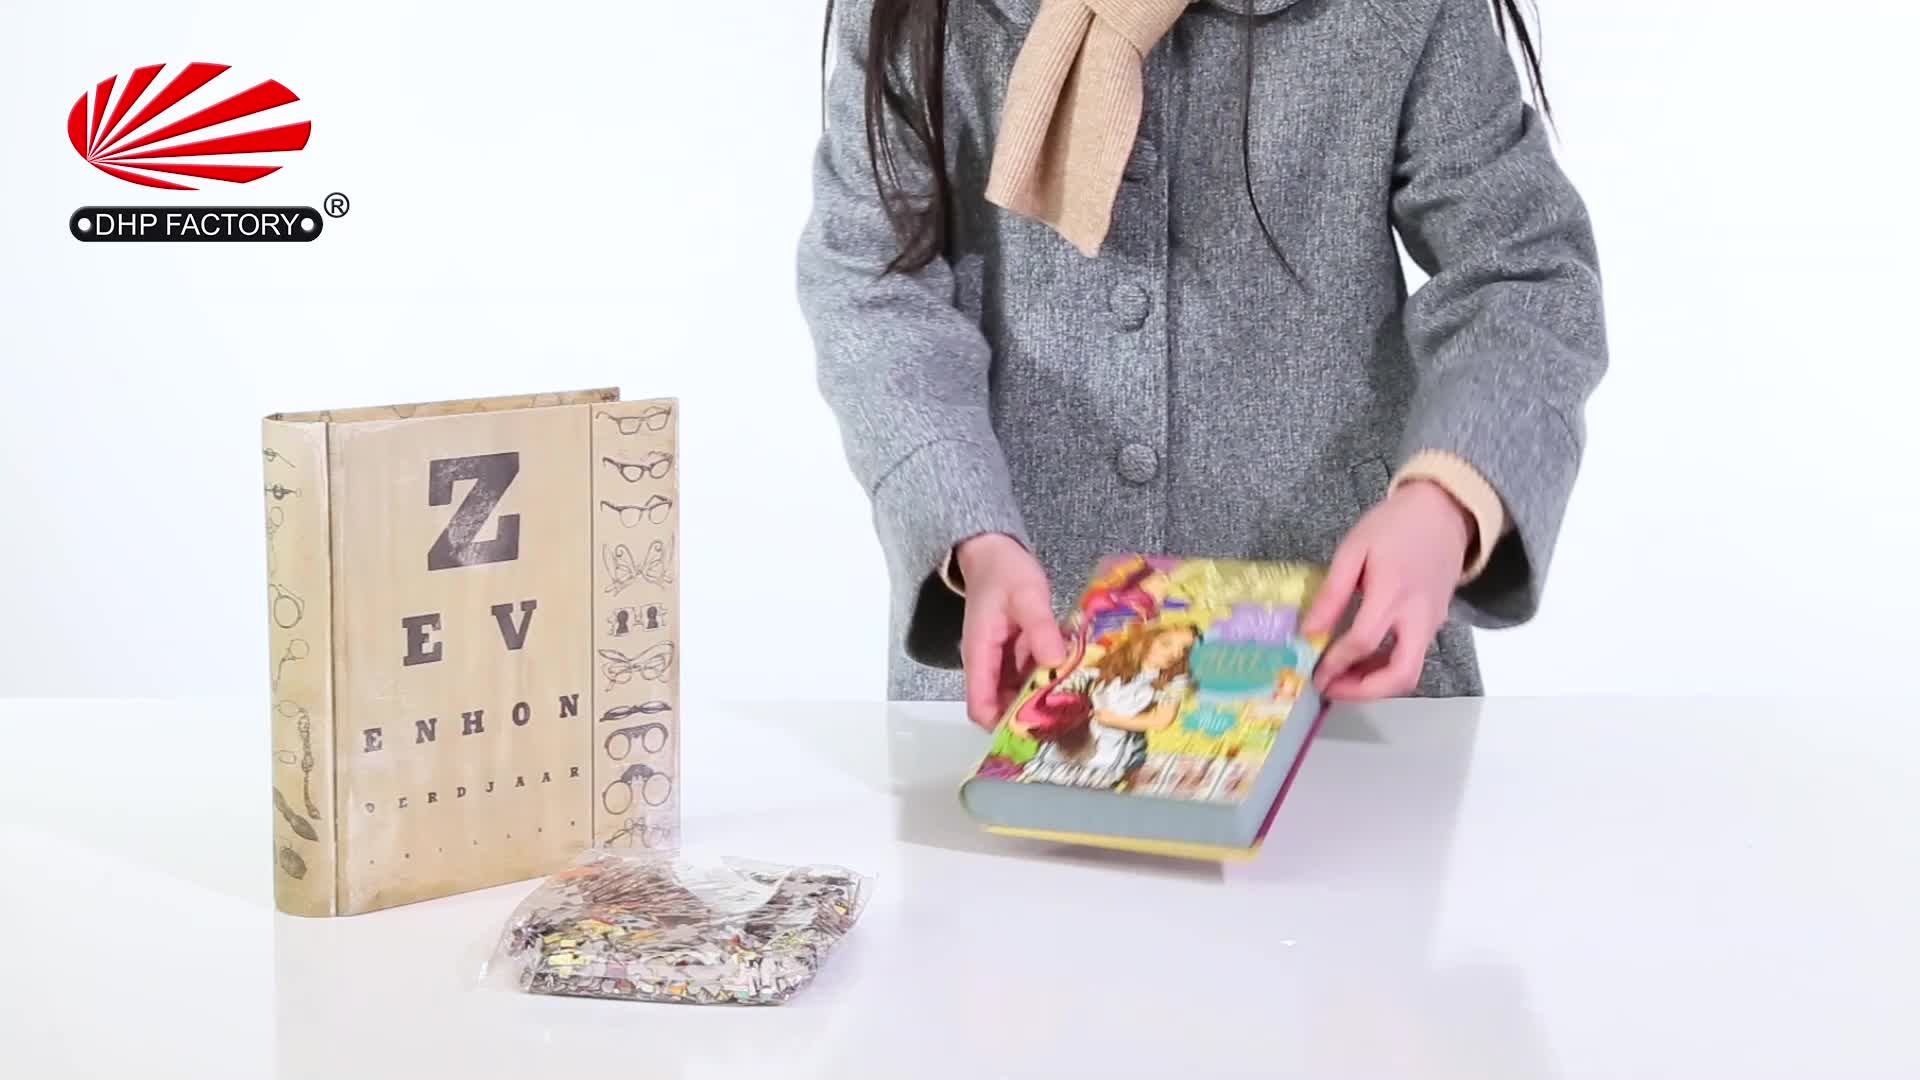 ออกแบบพิเศษหรูหราแข็งกระดาษแข็งเพลง CD ชุดเก็บกระดาษรูปของขวัญบรรจุภัณฑ์สไตล์กล่องแม่เหล็ก